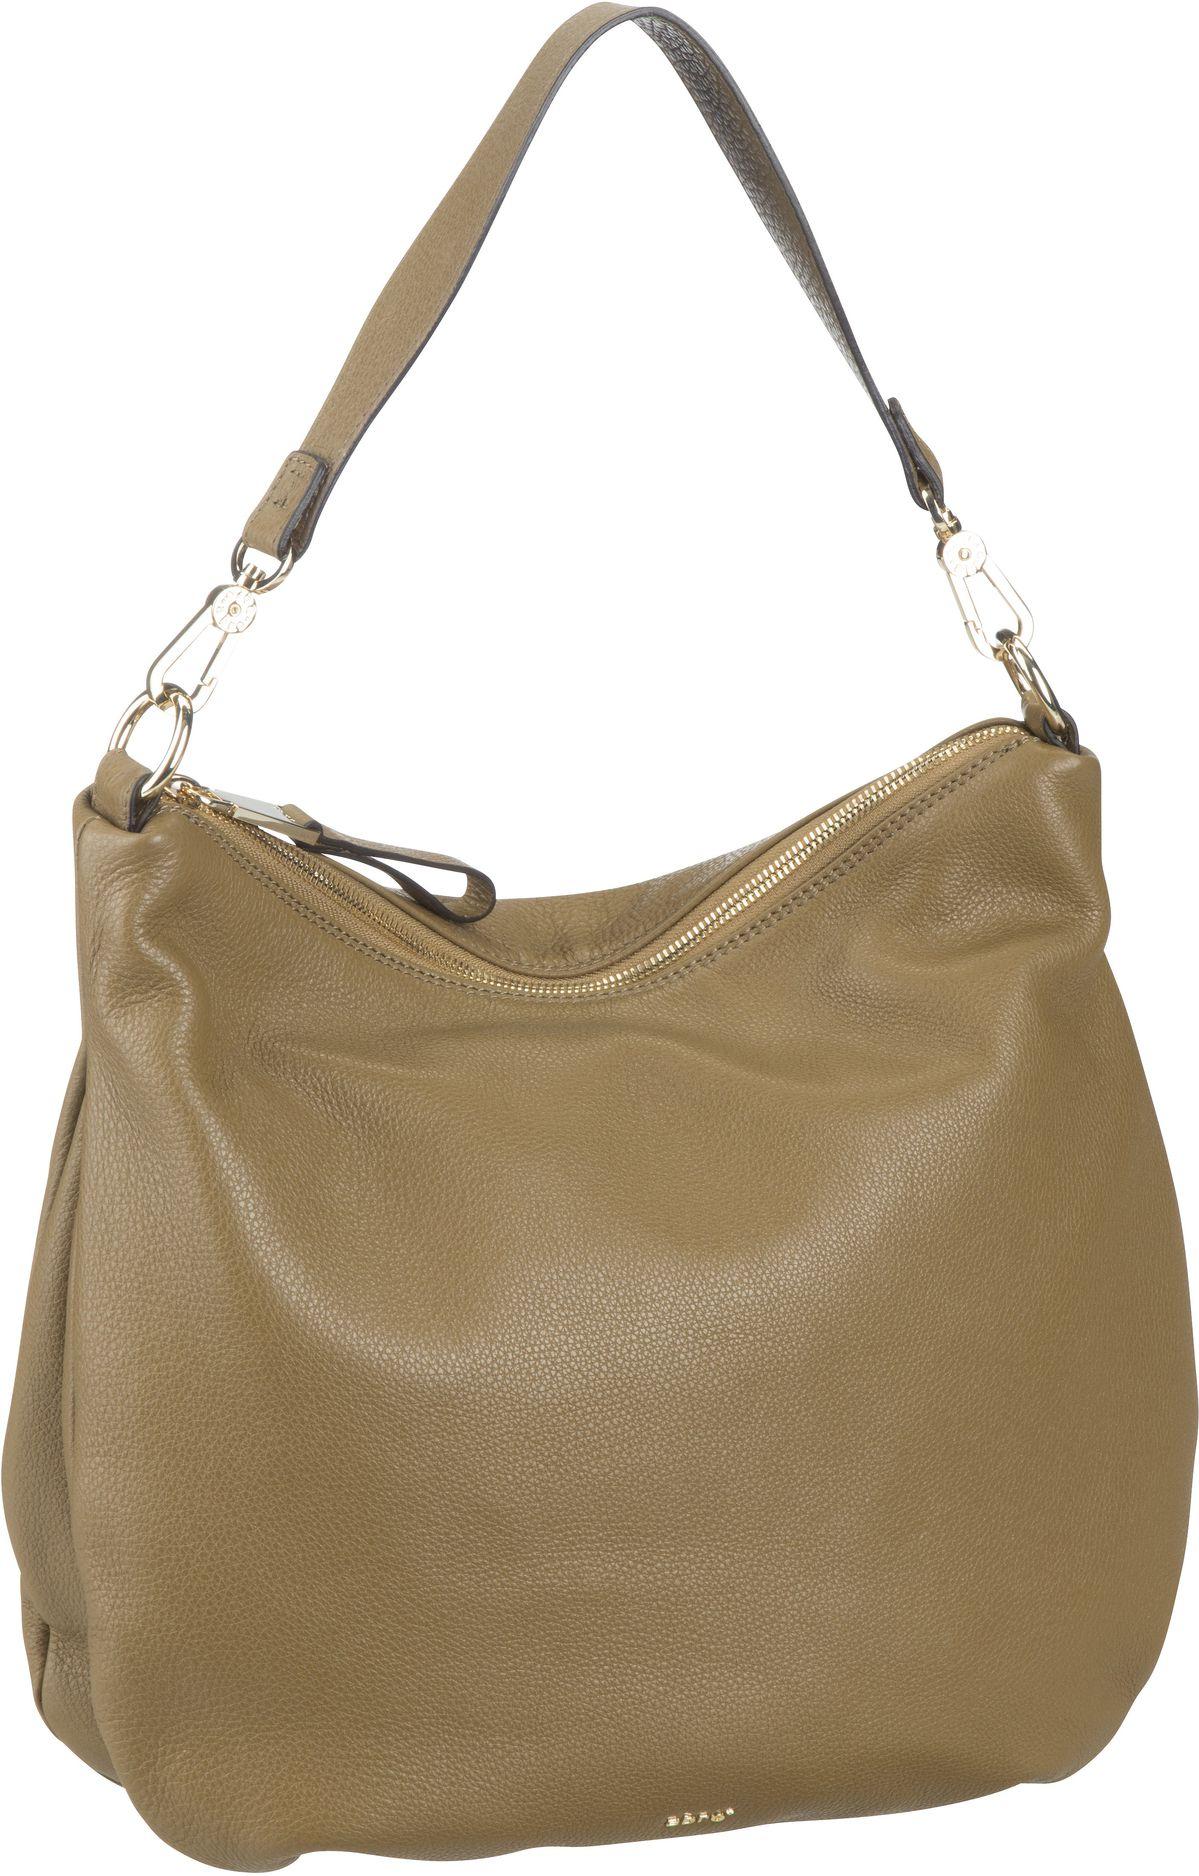 Handtasche Erna 29188 Colonial